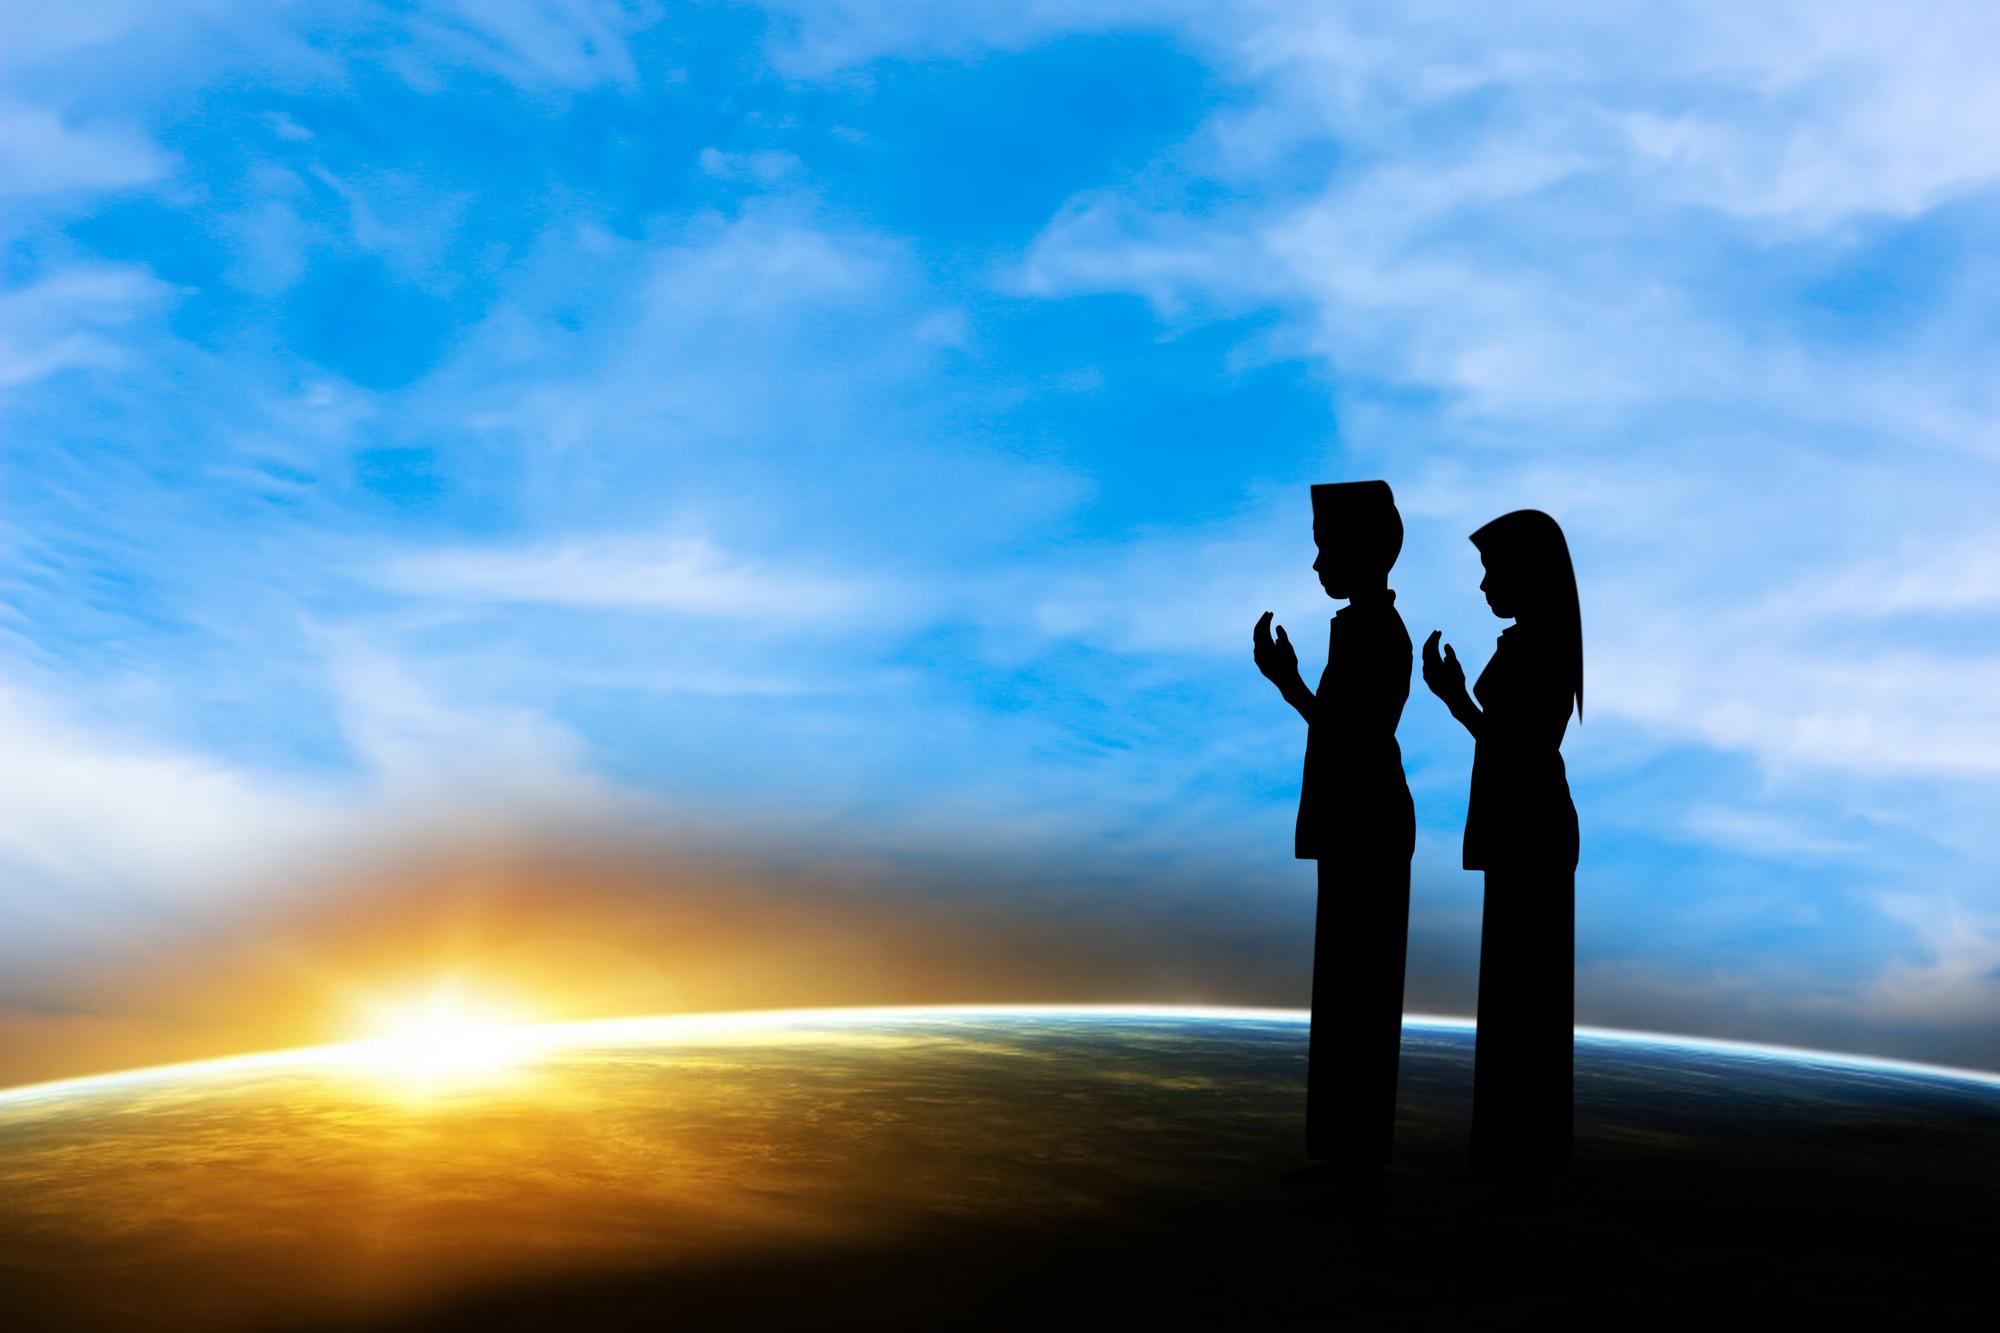 平成の最後となる年の暮れに皇太子雅子さまの言霊です。